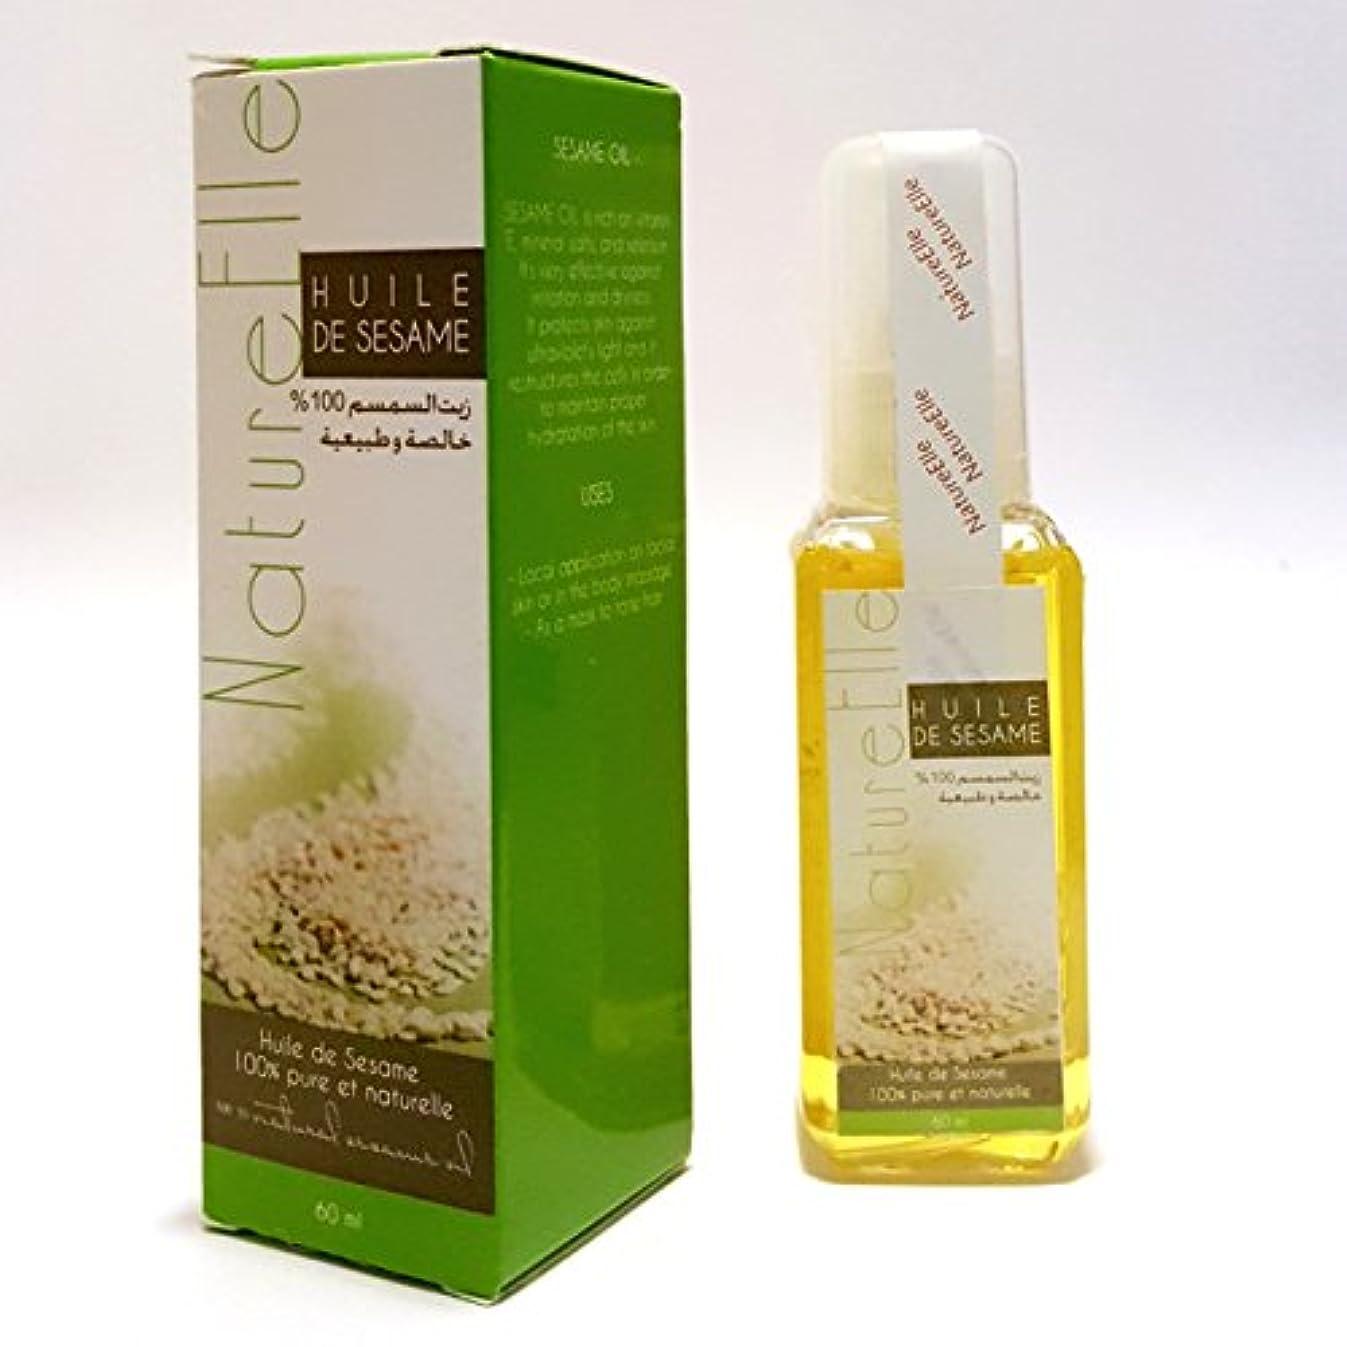 知人ながらまさにNatureElle Sesame Oil 100% Pure and Natural - Express delivery within three working days - Track Shipment Online - 60 ml [並行輸入品]